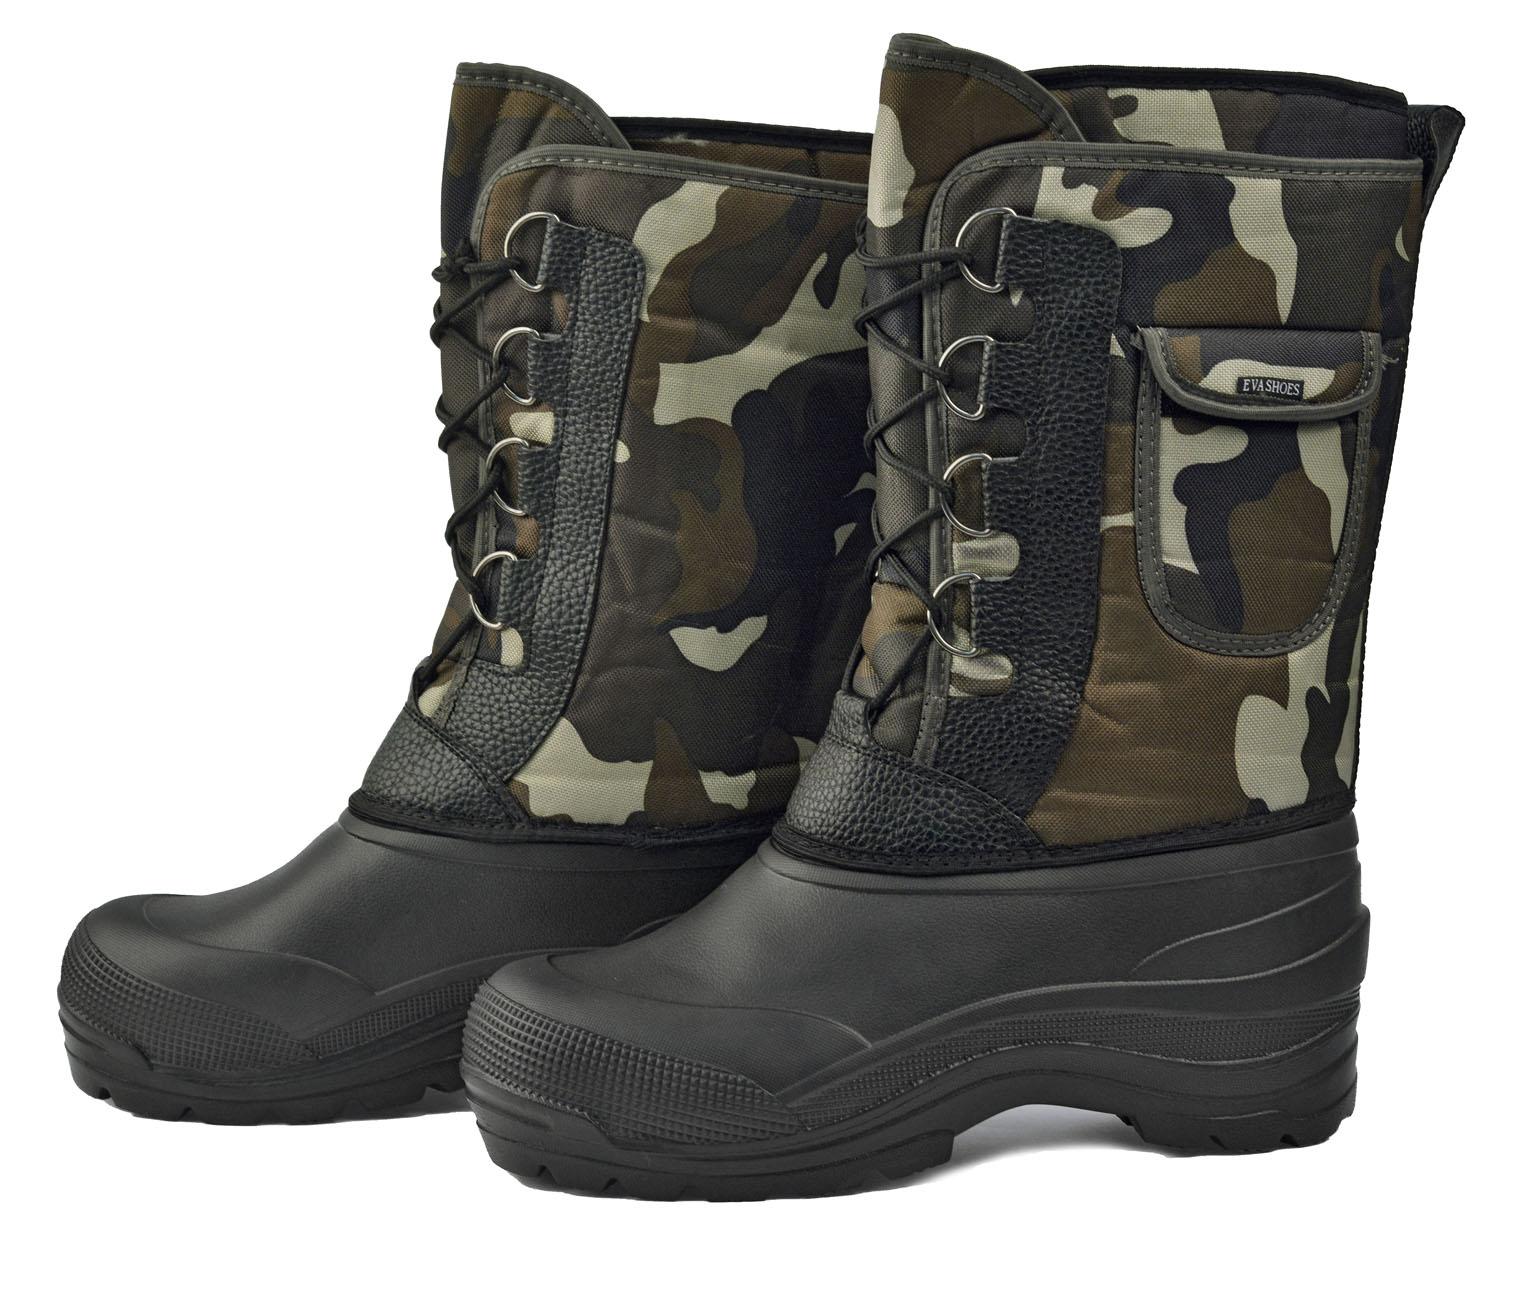 Сапоги комбинированные Милитари-Плюс (-40С) Сапоги для активного отдыха<br>Помимо водонепроницаемости и эффективной <br>защиты от холода, эта модель имеет очень <br>легкий вес. При температуре использования <br>до -40°С при активном использовании сапоги <br>Милитари обеспечивают высокий уровень <br>тепла и комфорта. Эта обувь предназначена <br>как для сырой холодной погоды, так и для <br>сильных морозов. ?Съемный меховой вкладыш <br>из натуральной шерсти с фольгой и спанбондом. <br>?Широкое утепленное голенище из водоотталкивающей <br>ткани Оксфорд на шнуровке ?Удобный карман <br>на голенище ?Утолщенная подошва с протекторами<br><br>Пол: мужской<br>Размер: 44<br>Сезон: зима<br>Цвет: черный<br>Материал: полимеры